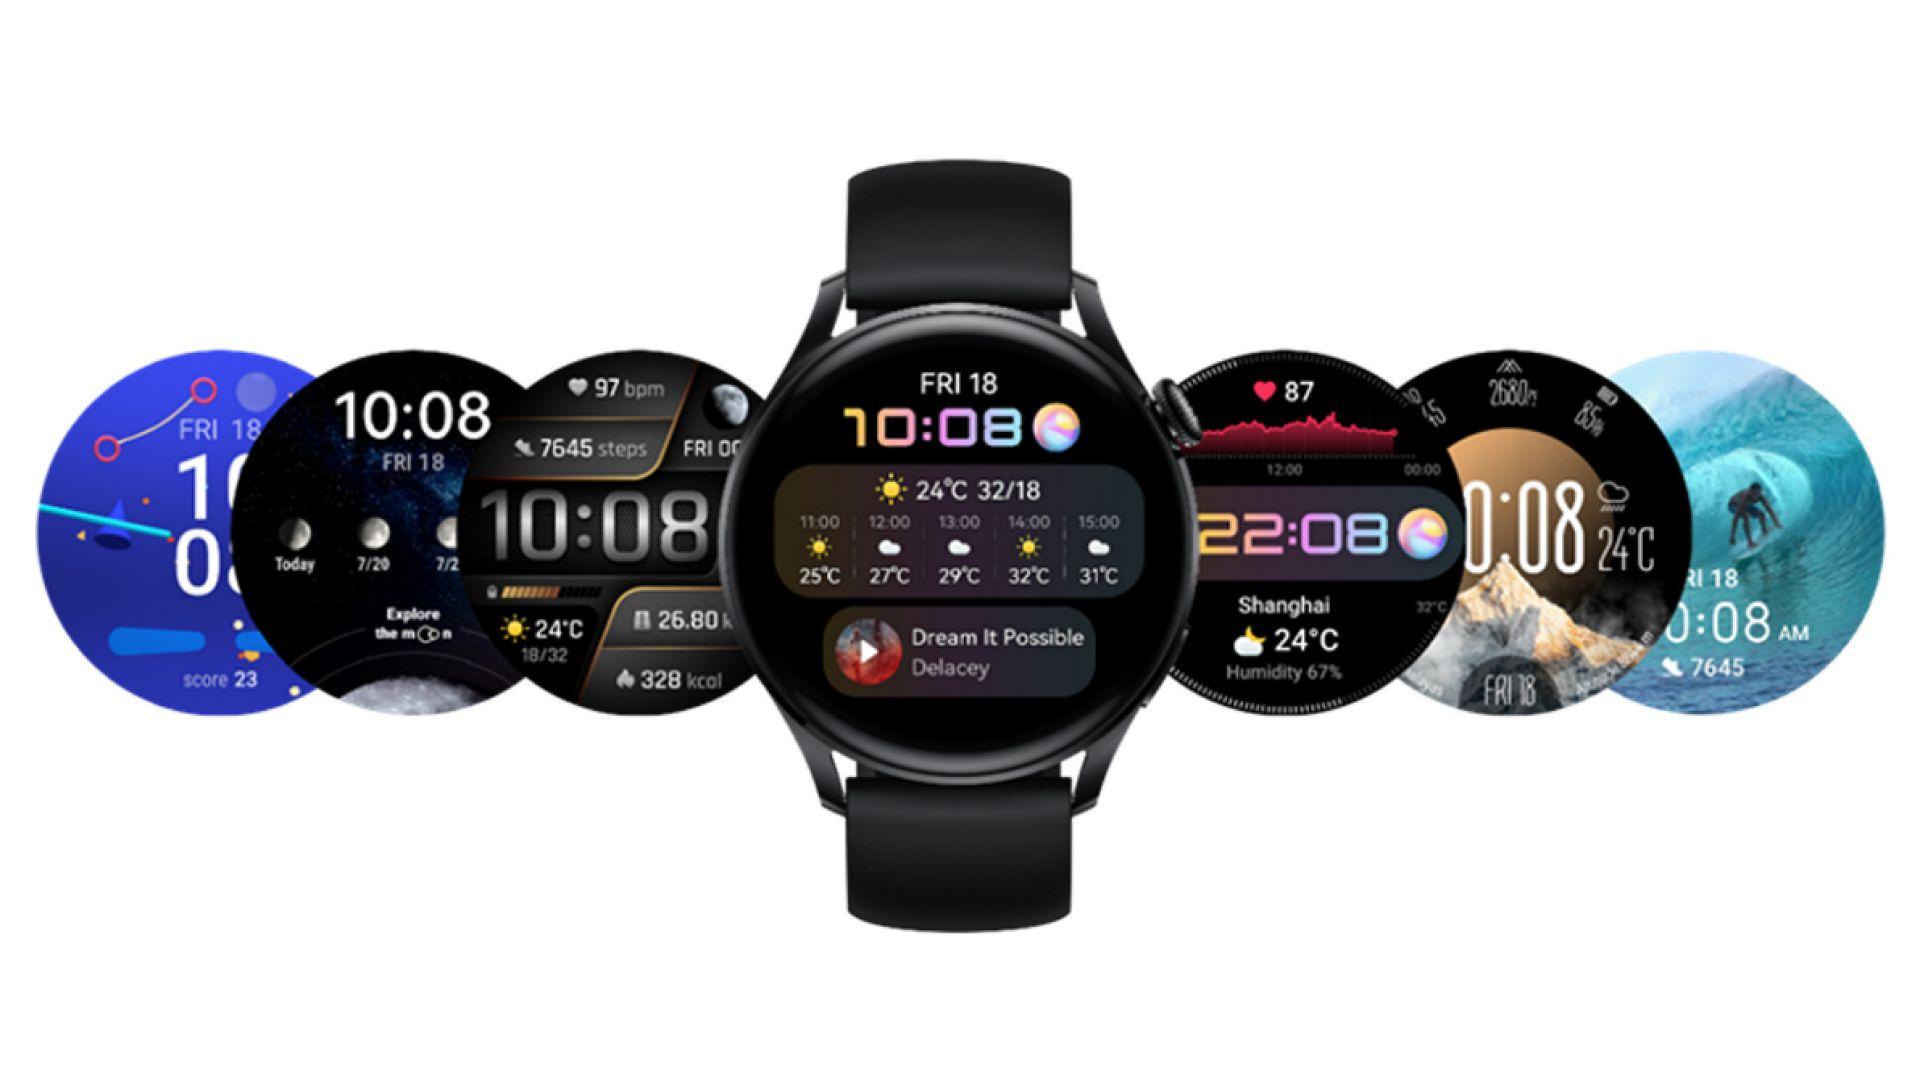 Серията HUAWEI WATCH 3 предлага богатство от интерактивни циферблати – от разучаване на Космоса и Луната до видеоигри